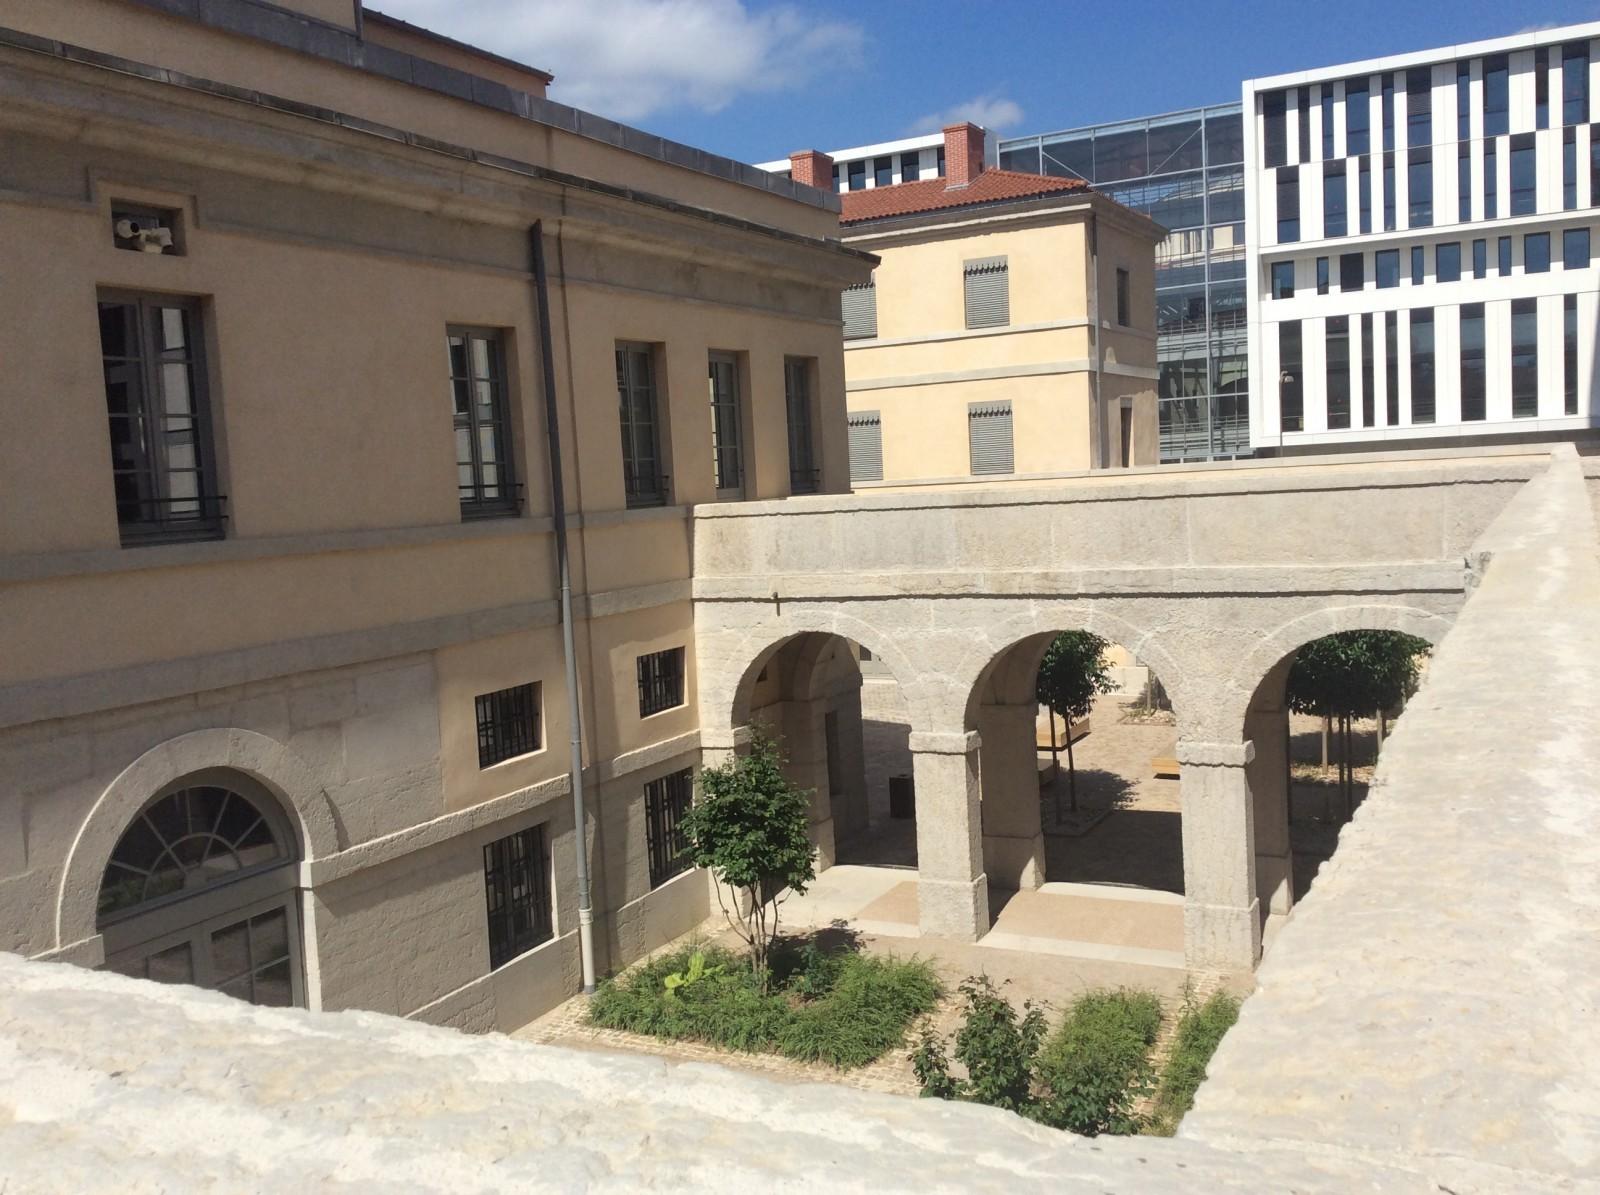 L'ancienne prison Saint Joseph depuis le chemin de ronde, transformée en logements et, en arrière plan, l'ancienne prison Saint-Paul, transformée en université. © Carole Fouque